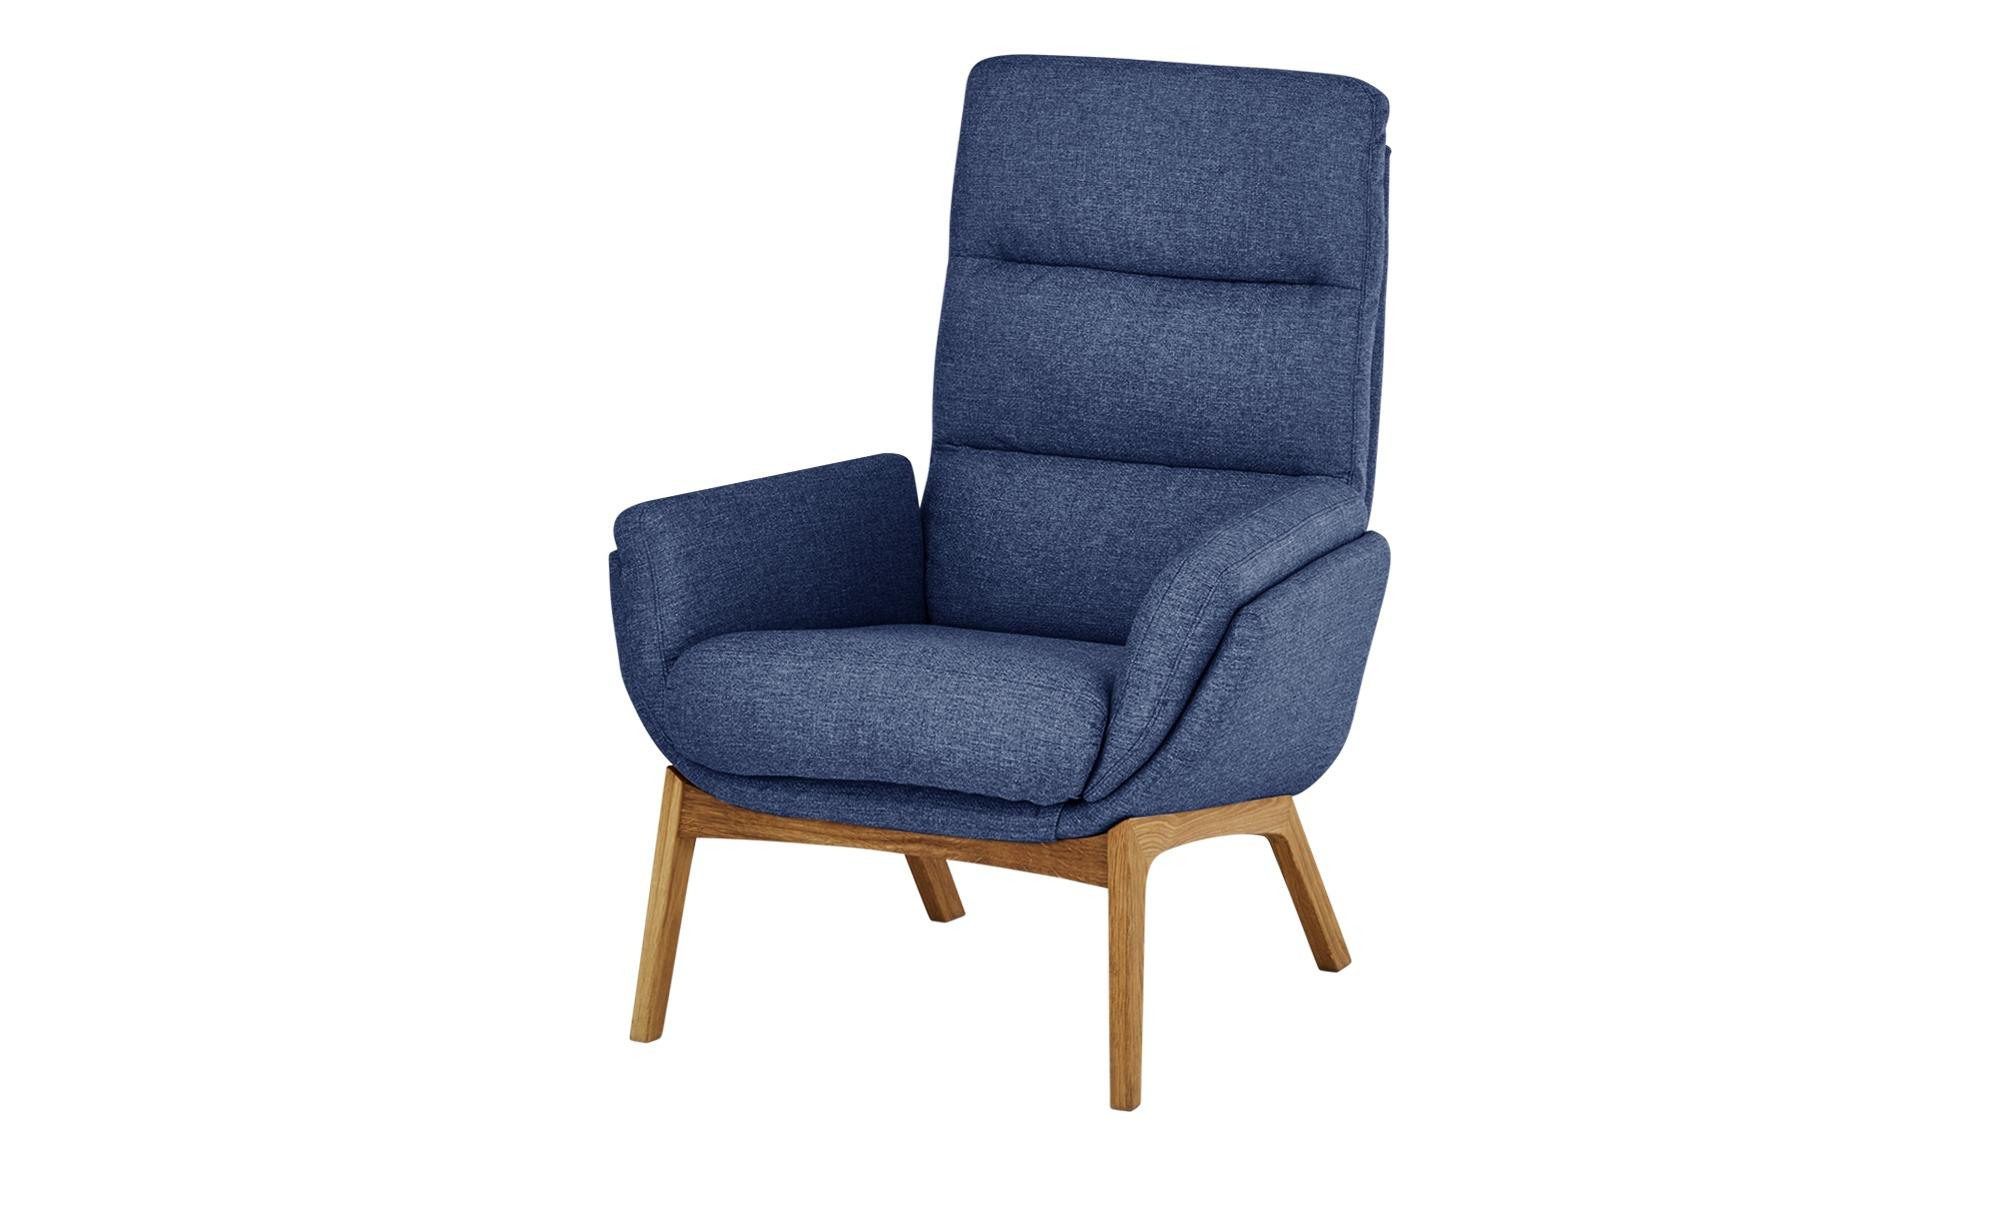 Nils Olsen Sessel  Torgen ¦ blau ¦ Maße (cm): B: 82 H: 104 T: 90 Polstermöbel > Sessel > Polstersessel - Höffner